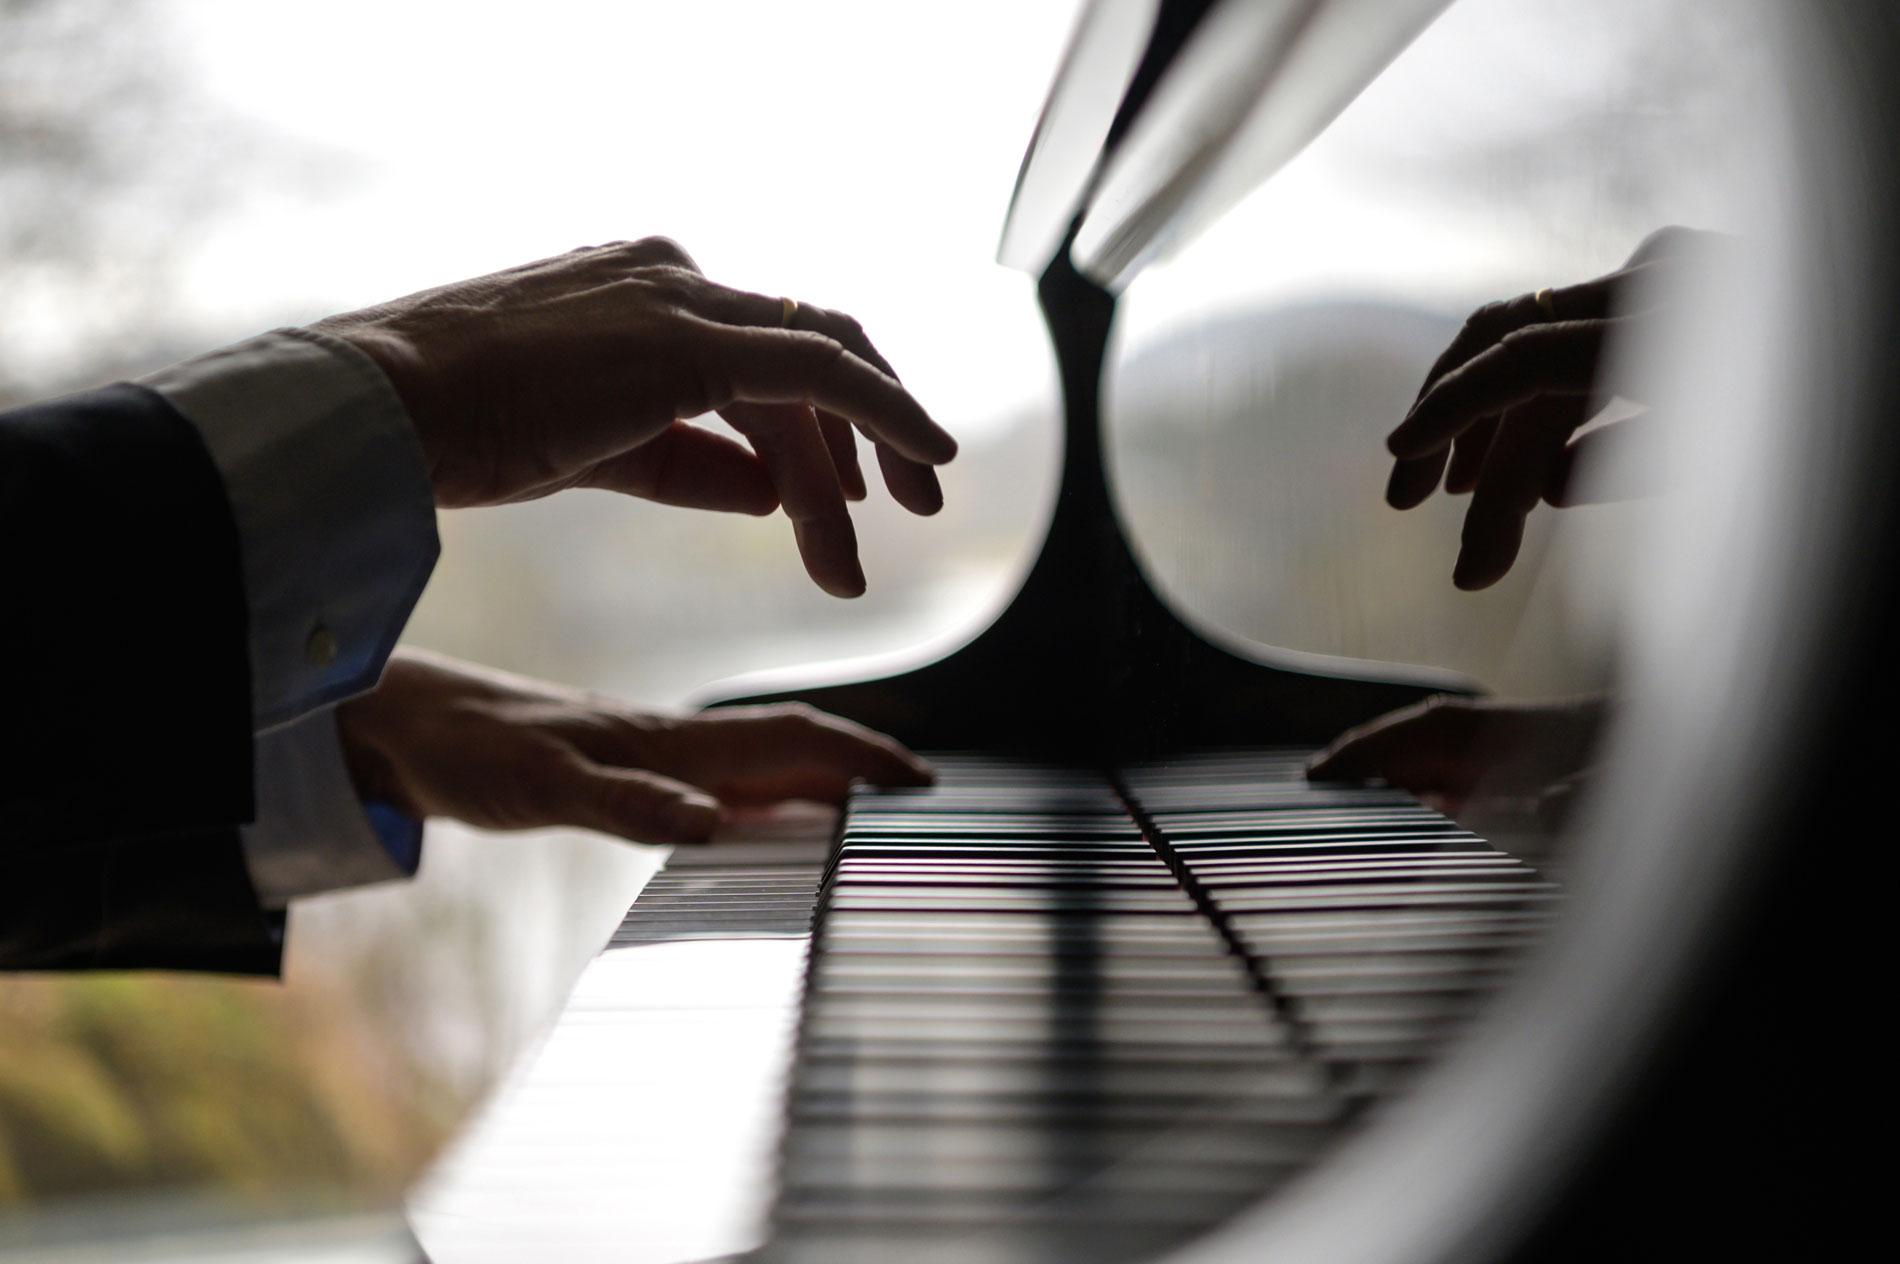 SPILLER DU SELV? – Ingen annen aktivitet stimulerer og aktiviserer hjernen som å spille piano etter noter, forteller Geir Olve.